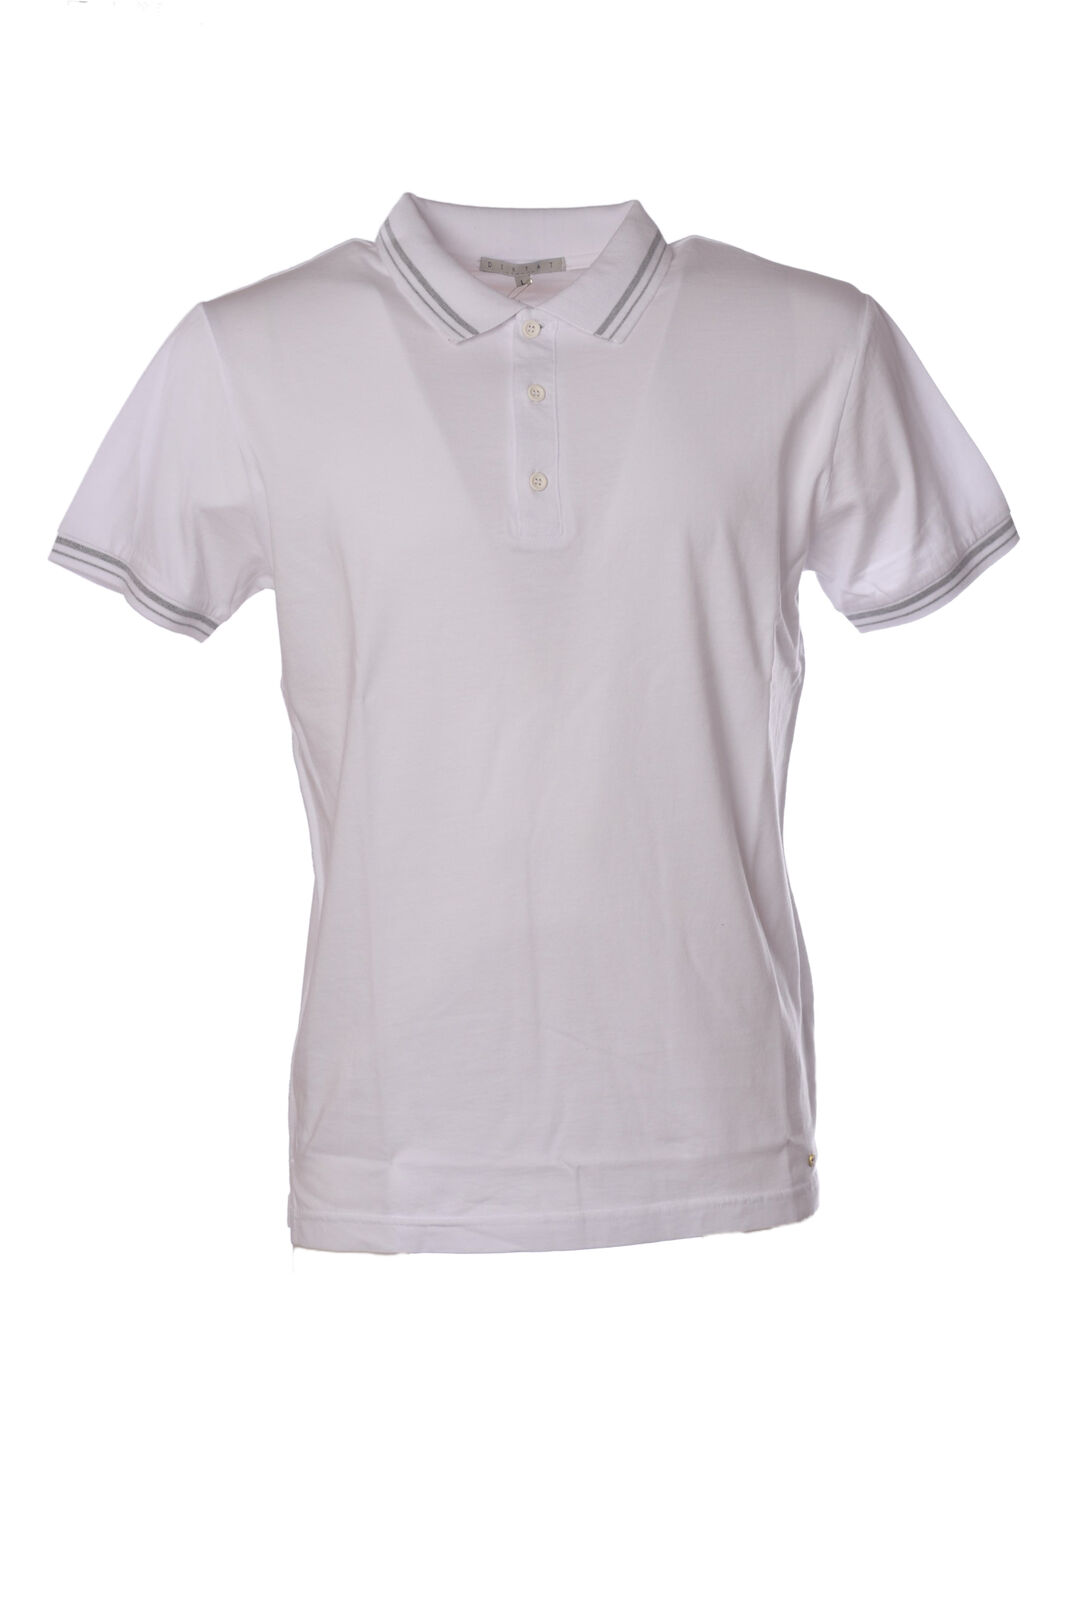 Diktat  -  Polo - Male - White - 1804618A180015